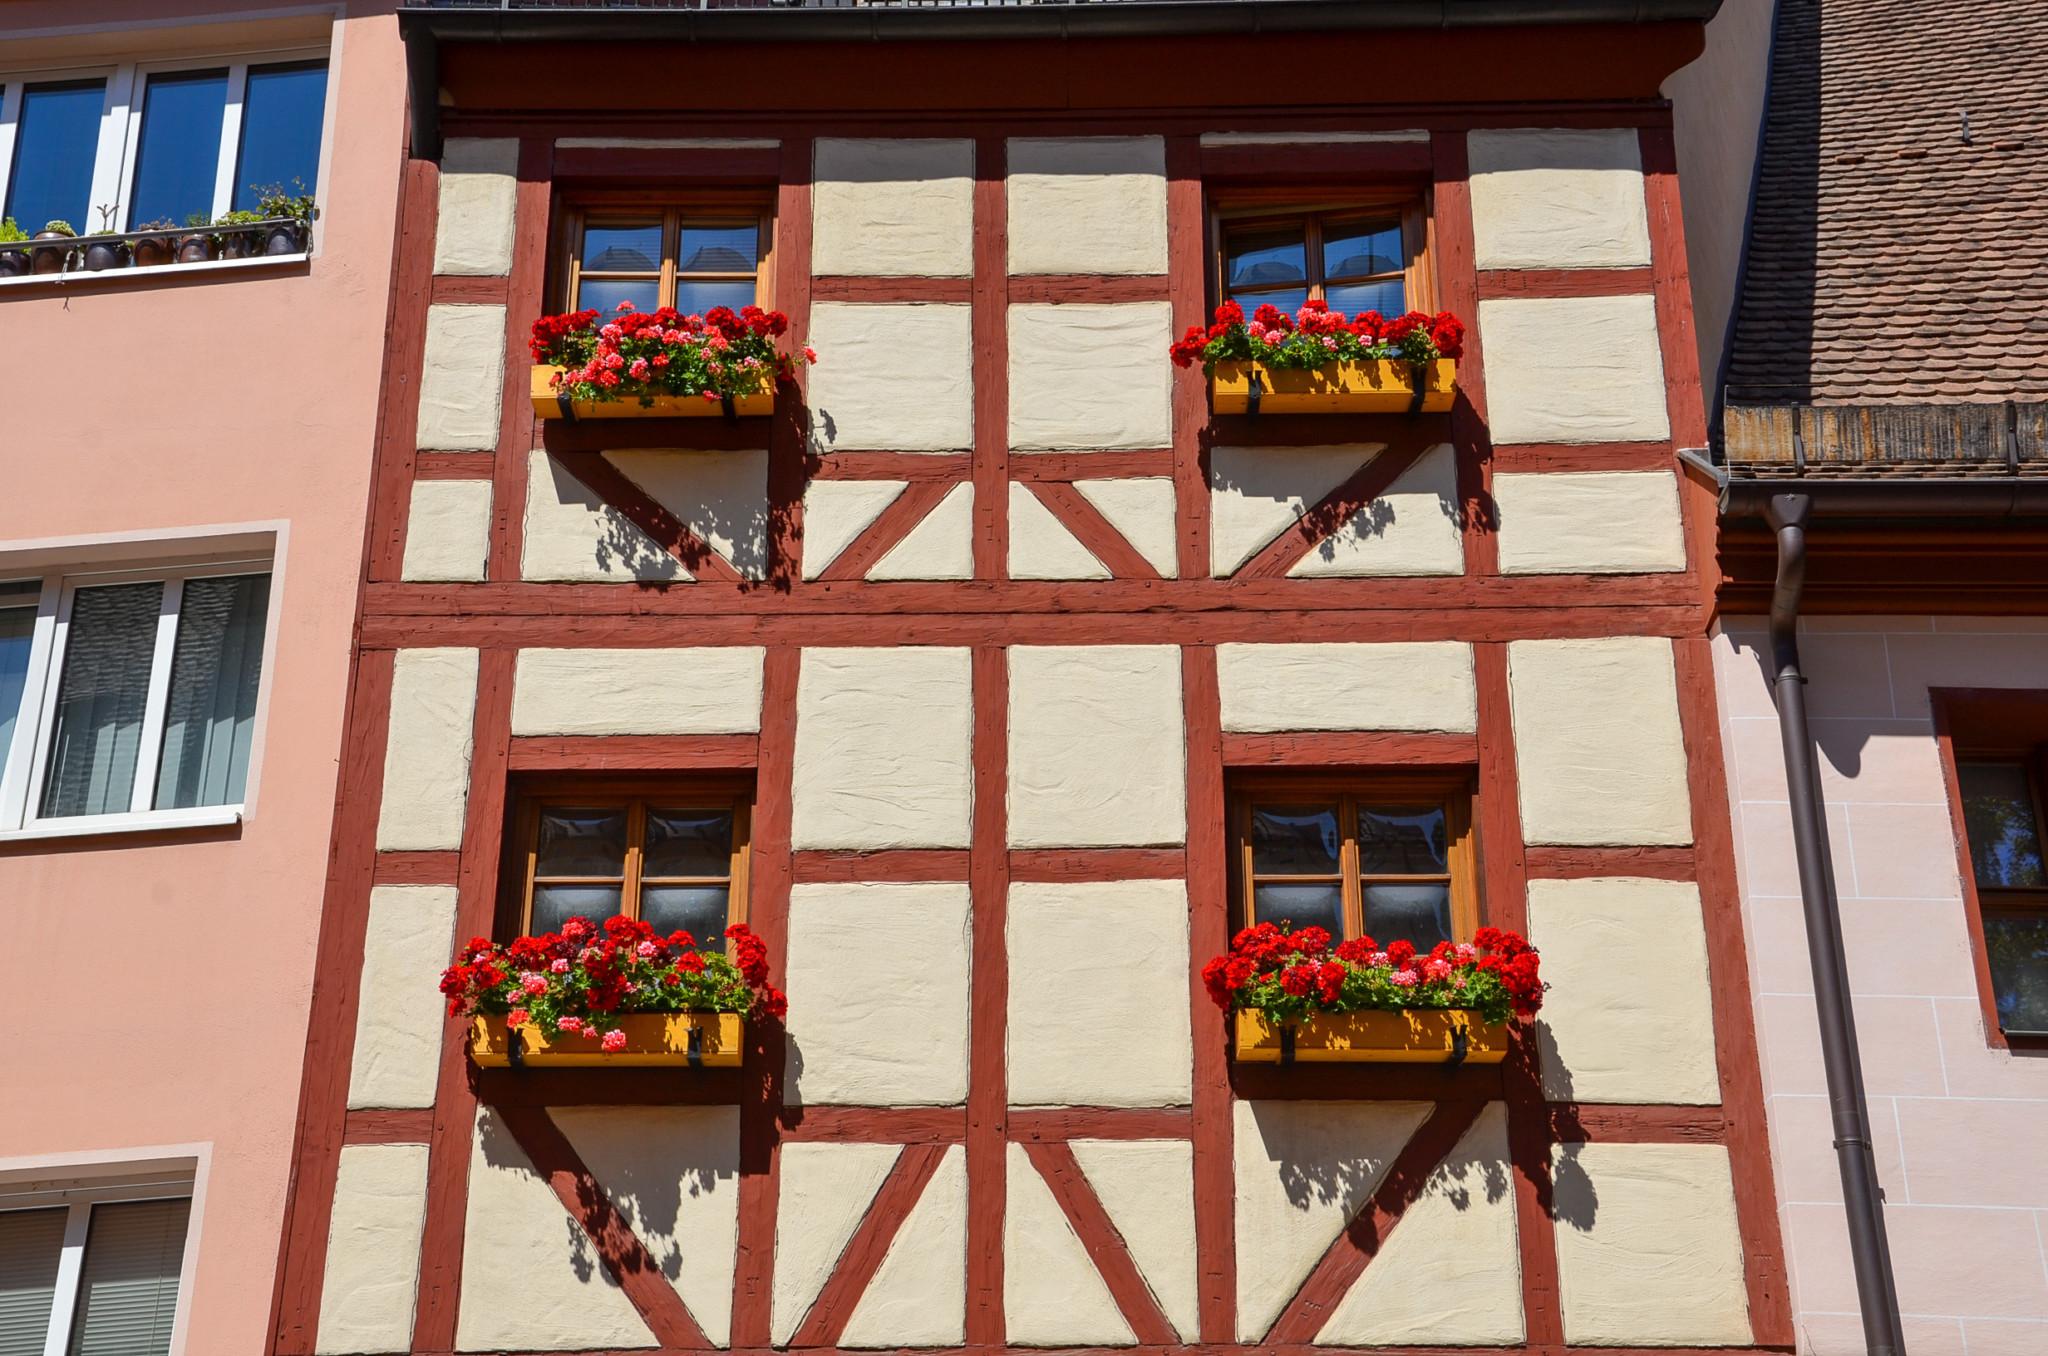 Fachwerkhäuser gehören zum Stadtbild